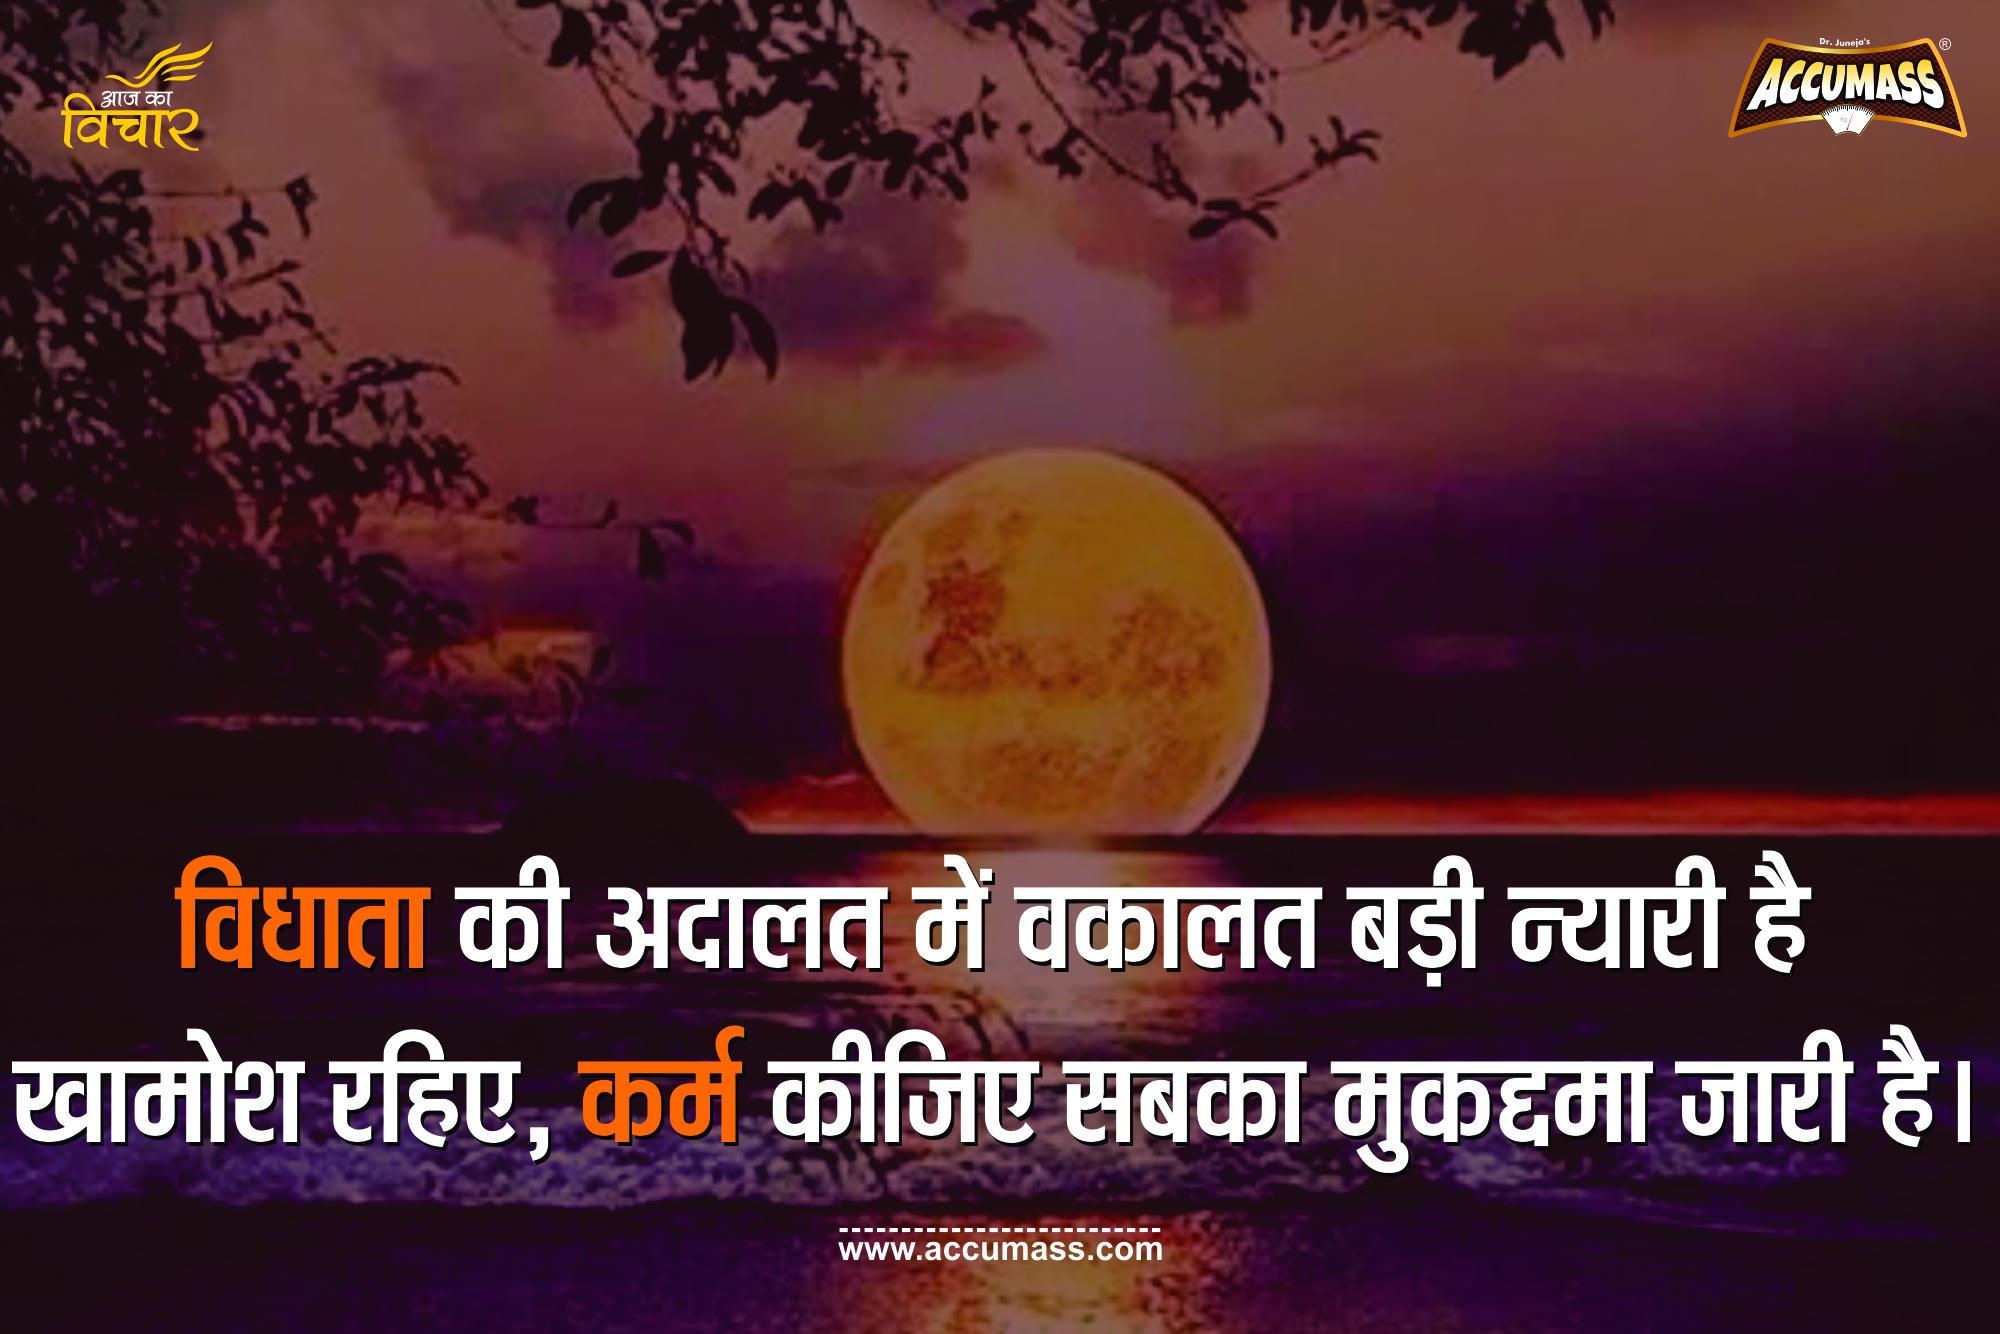 Good hindi thoughts